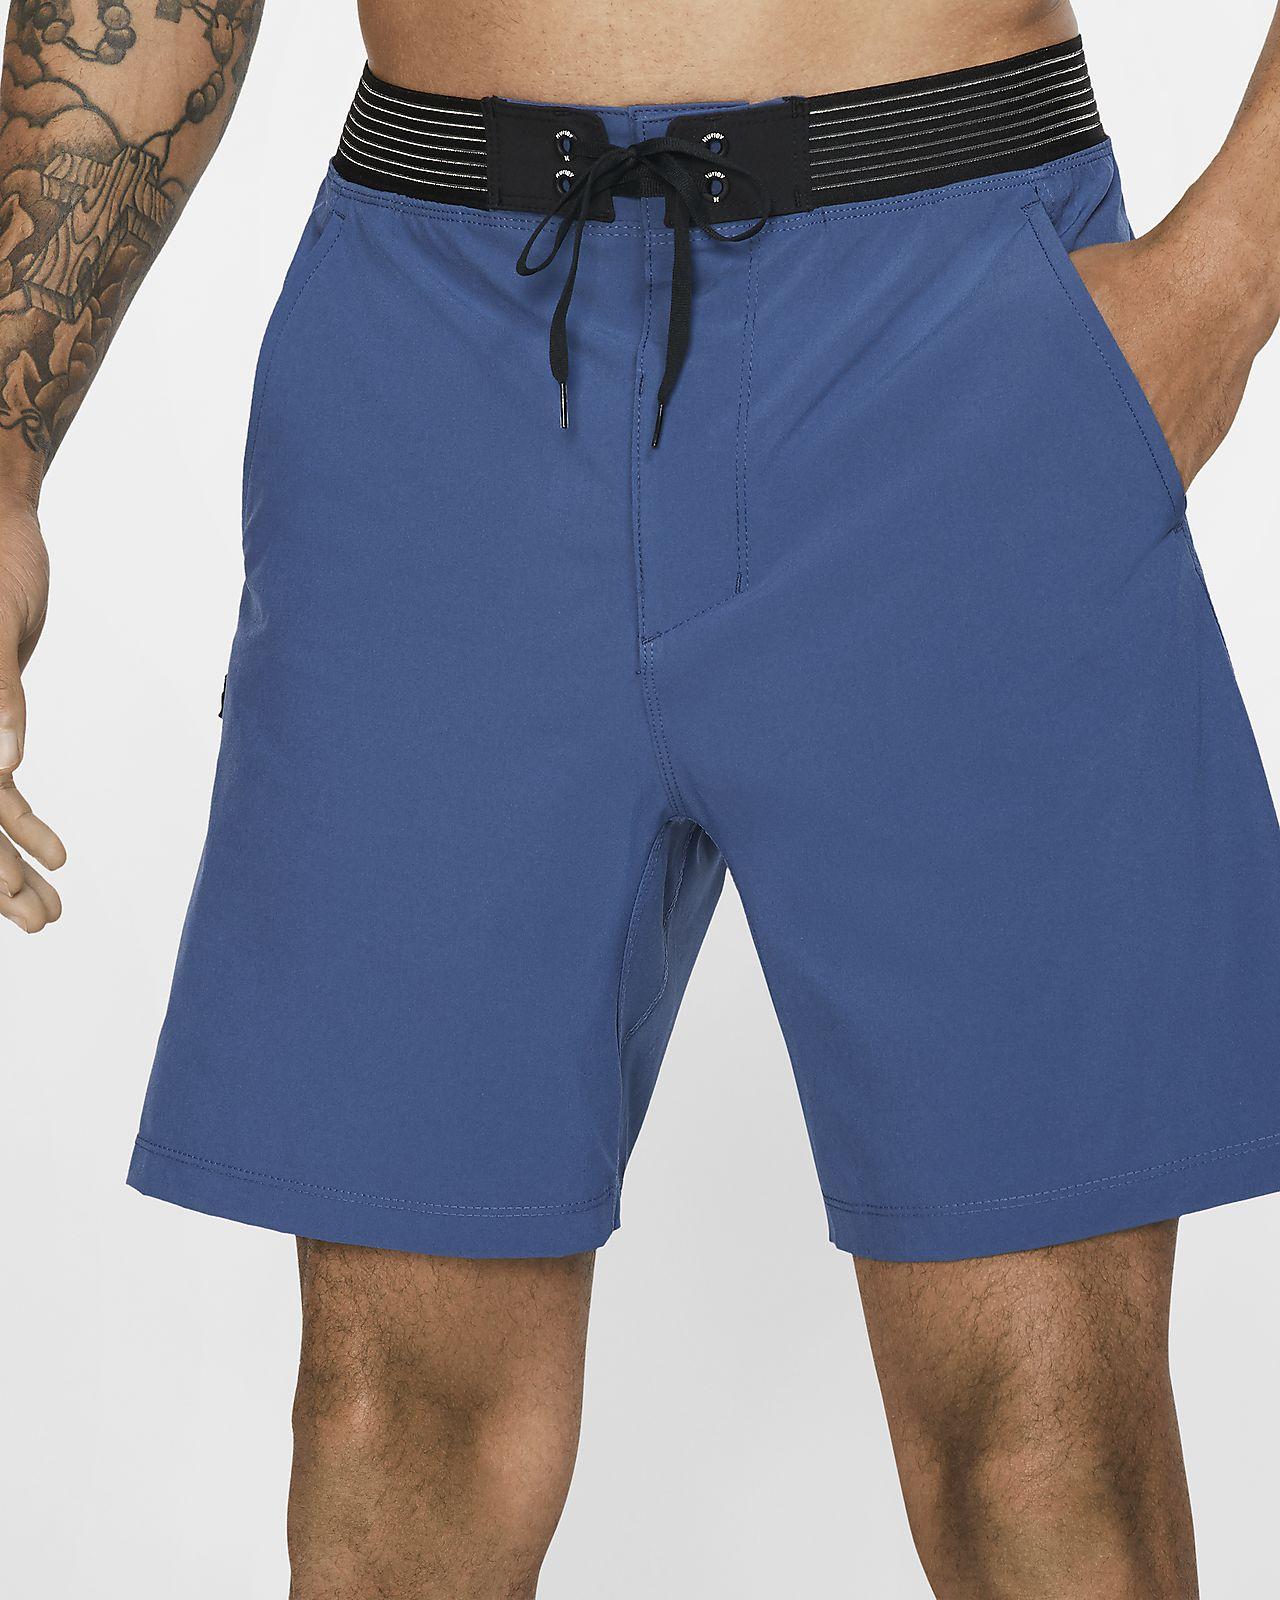 Hurley Phantom Alpha Trainer Pantalons curts de 46 cm - Home